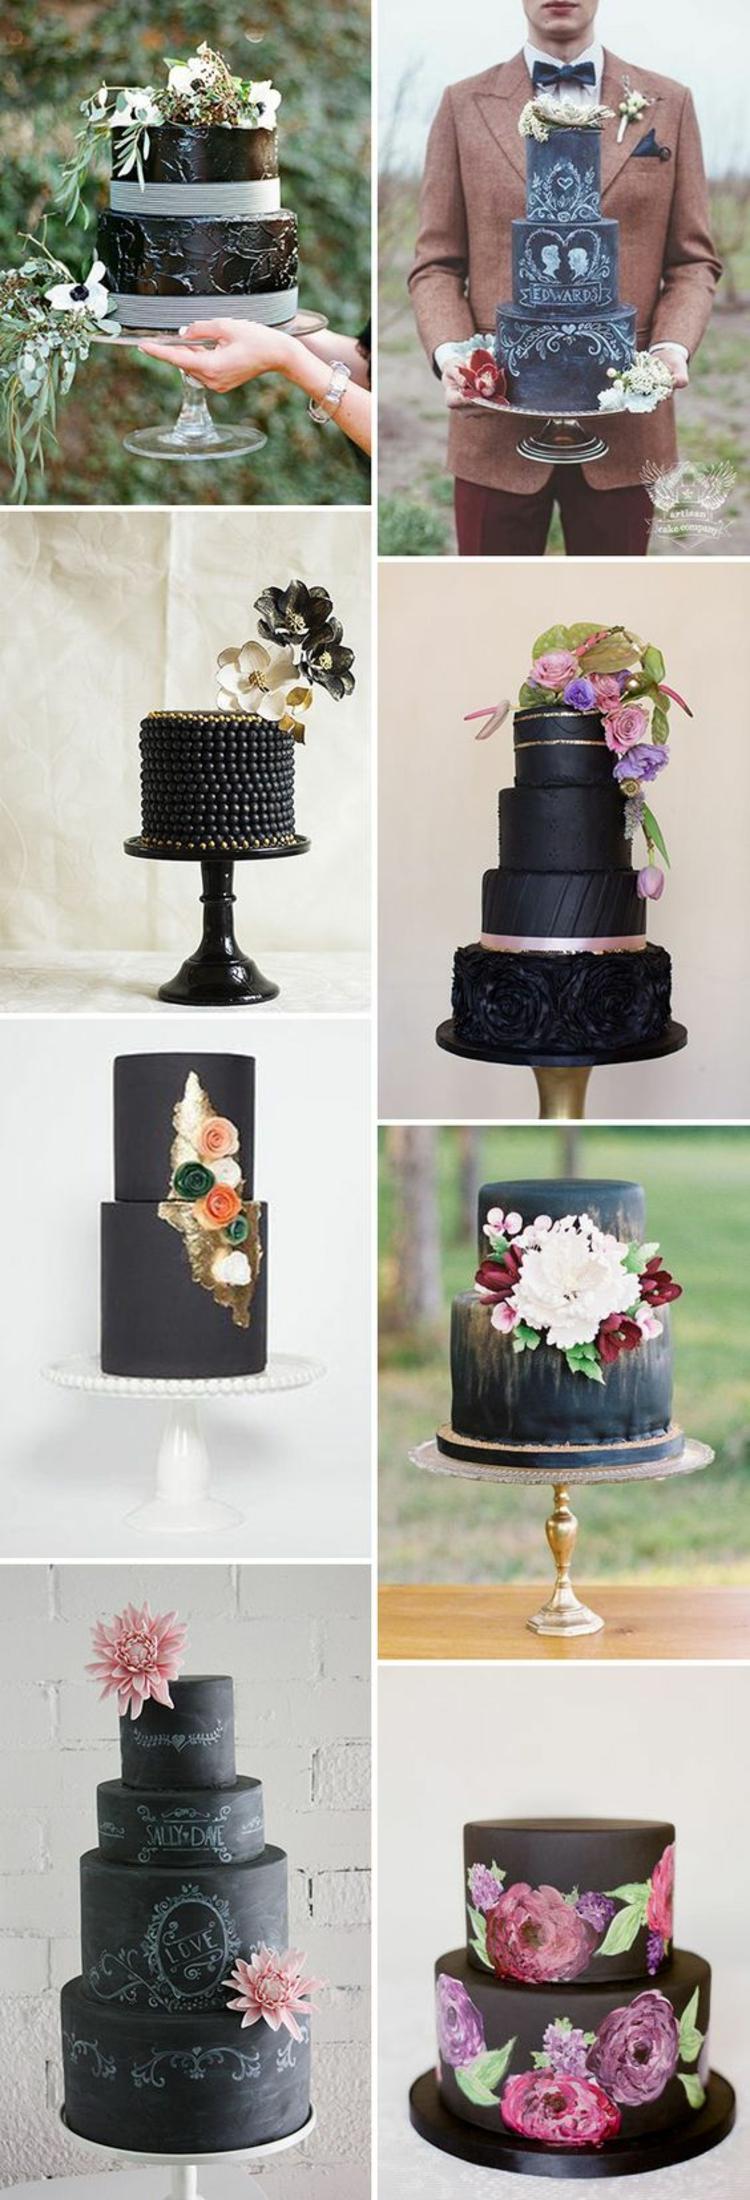 Hochzeitsfeier Ideen Schwarz Weiß Hochzeitstorten Bilder